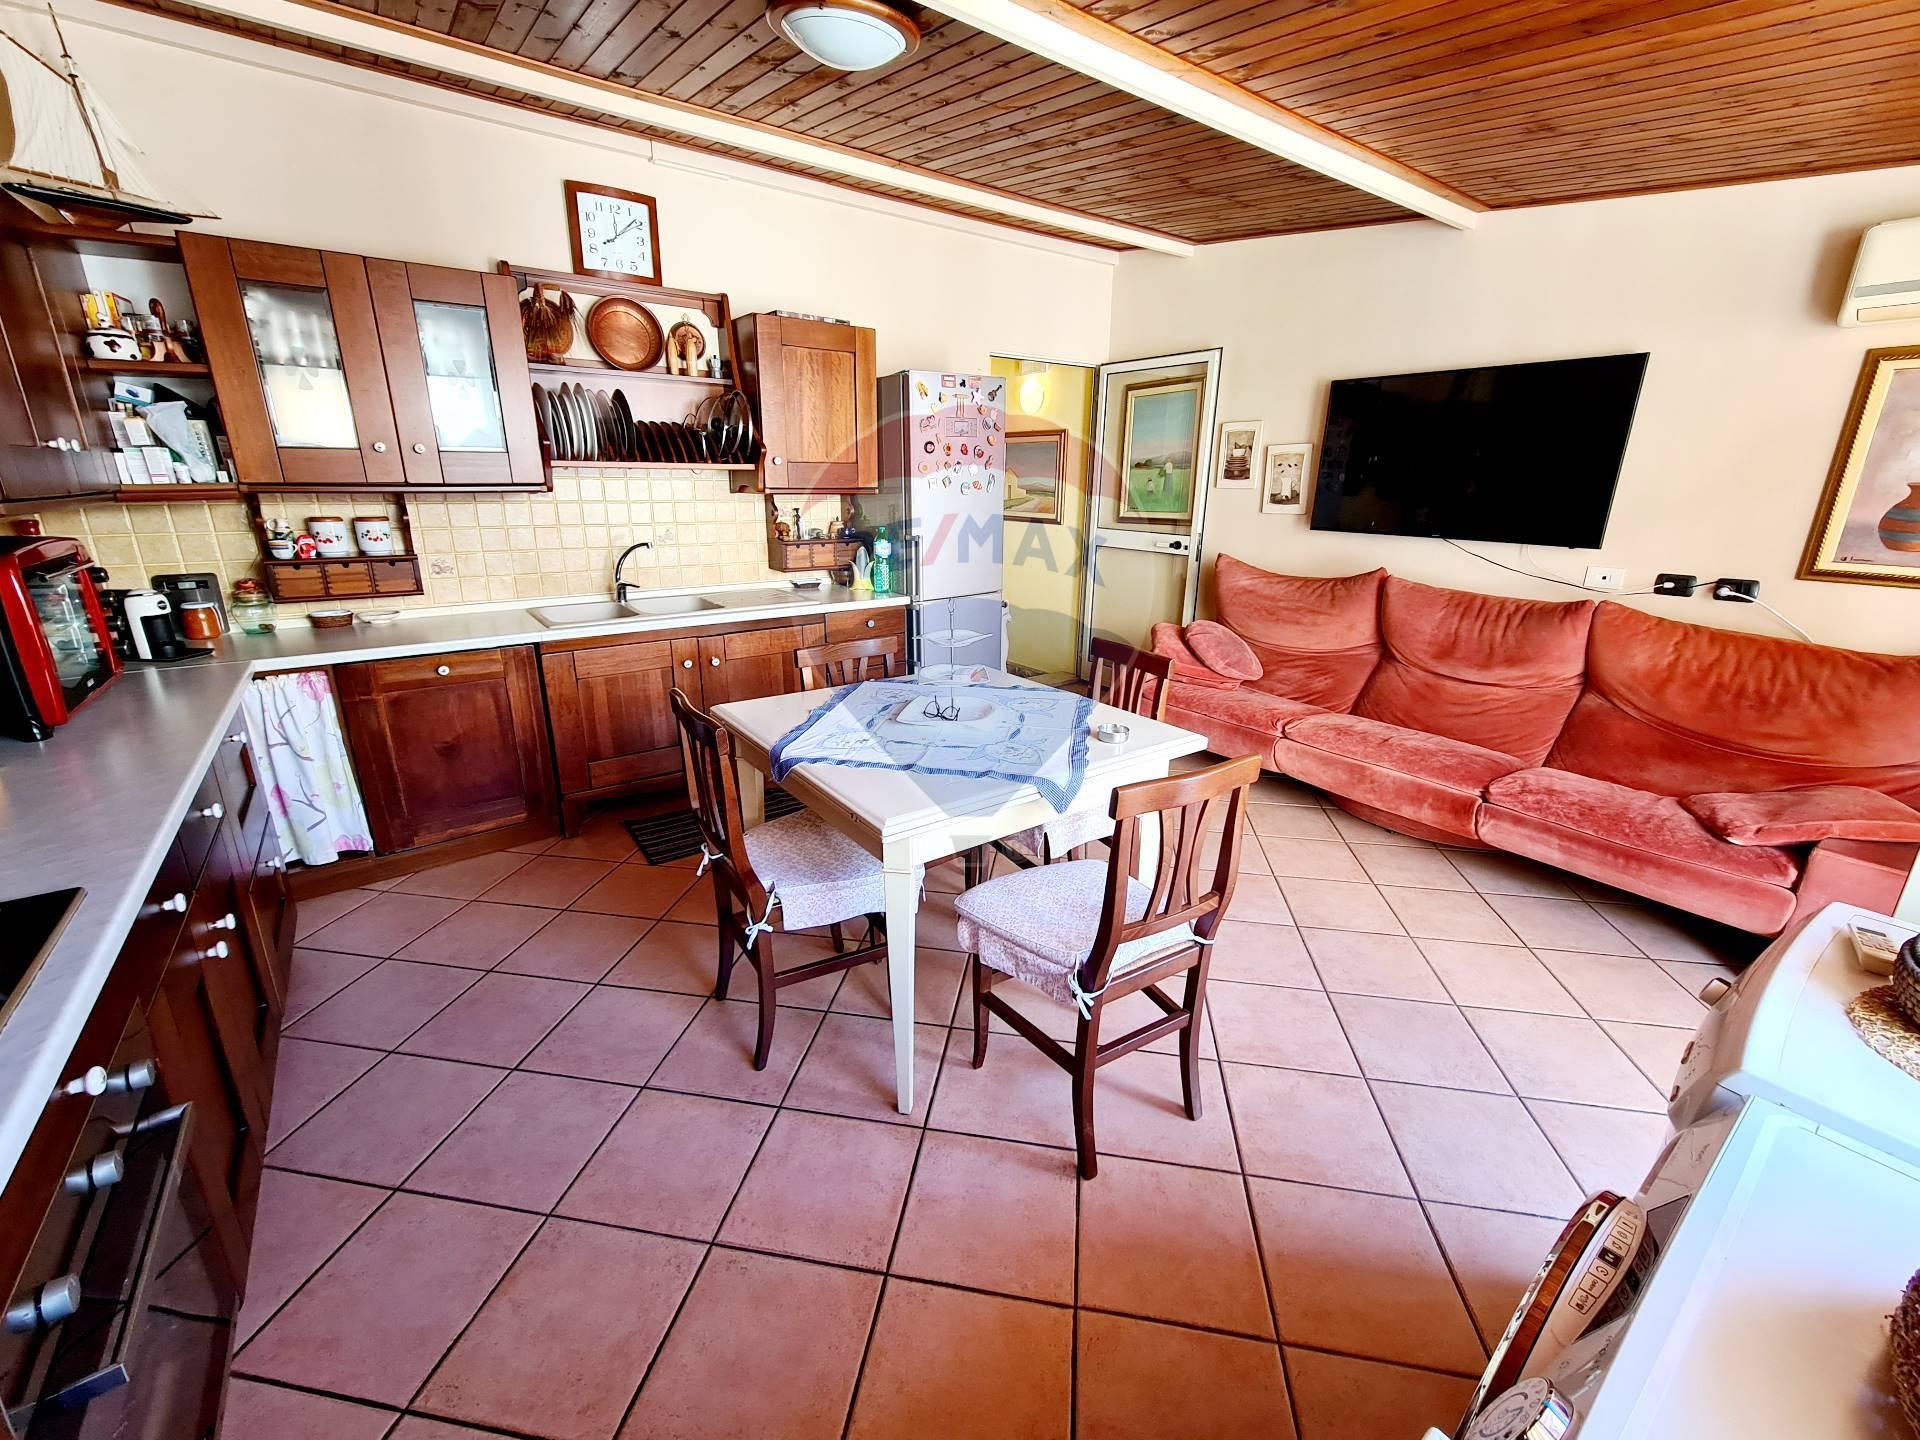 Soluzione Indipendente in vendita a Pozzallo, 5 locali, zona Località: Centro, prezzo € 169.000 | CambioCasa.it